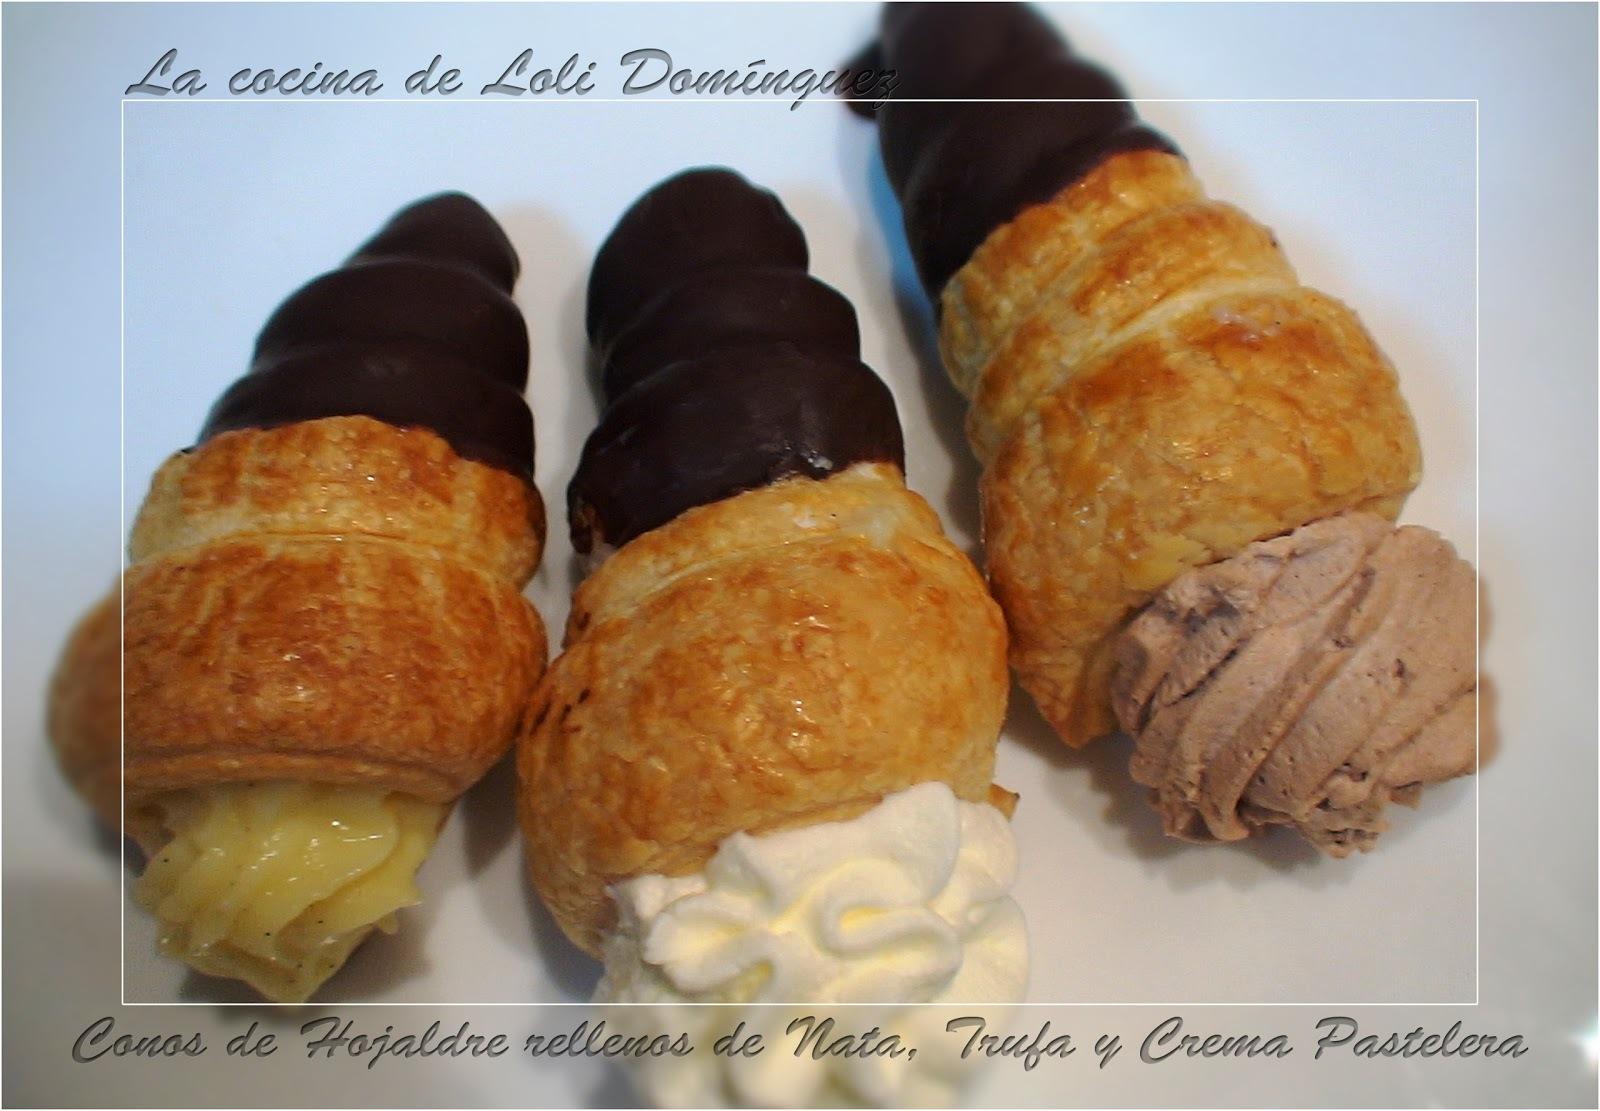 Conos de hojaldre rellenos de nata, trufa y crema pastelera